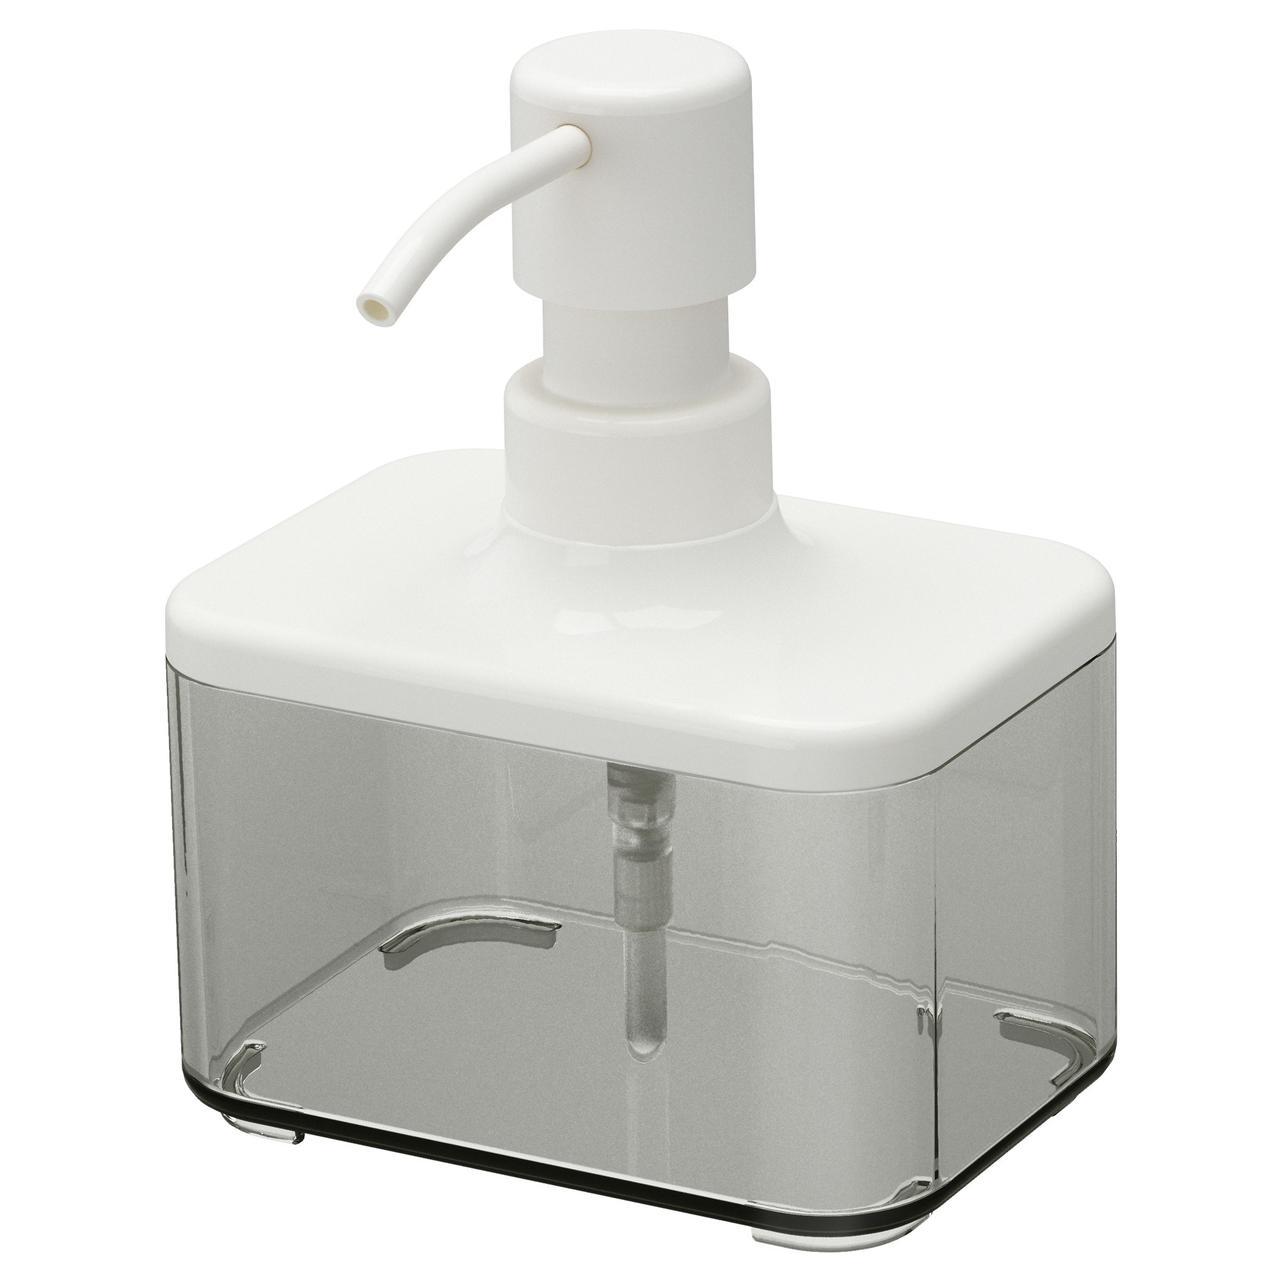 БРОГРУНД Дозатор для жидкого мыла, прозрачный серый, белый